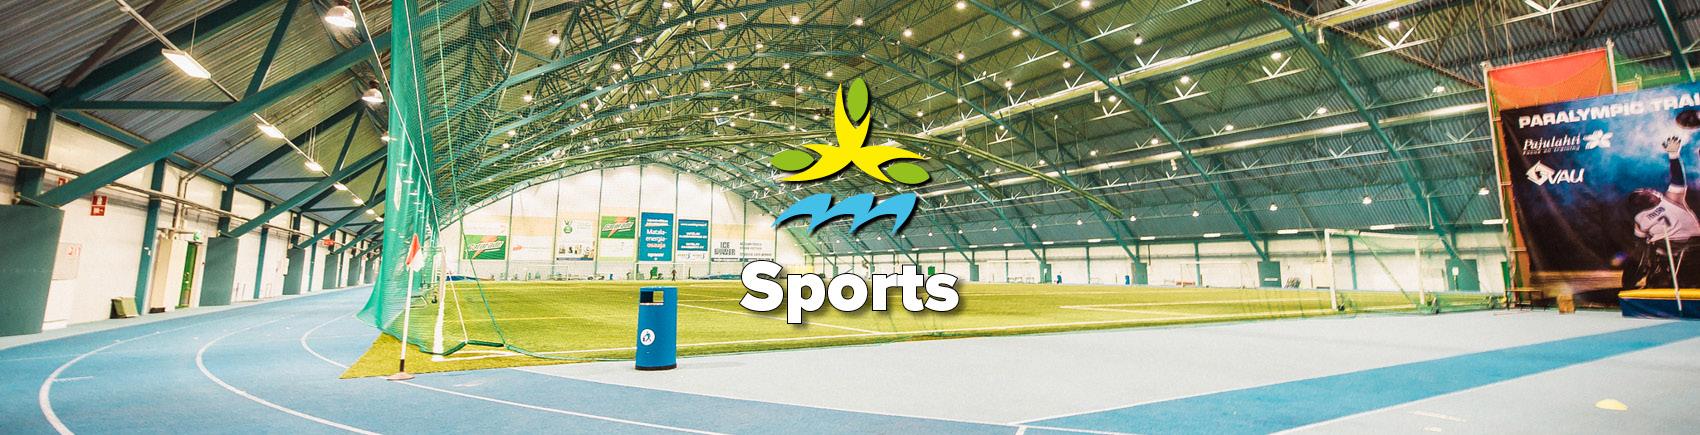 sports_1700x435